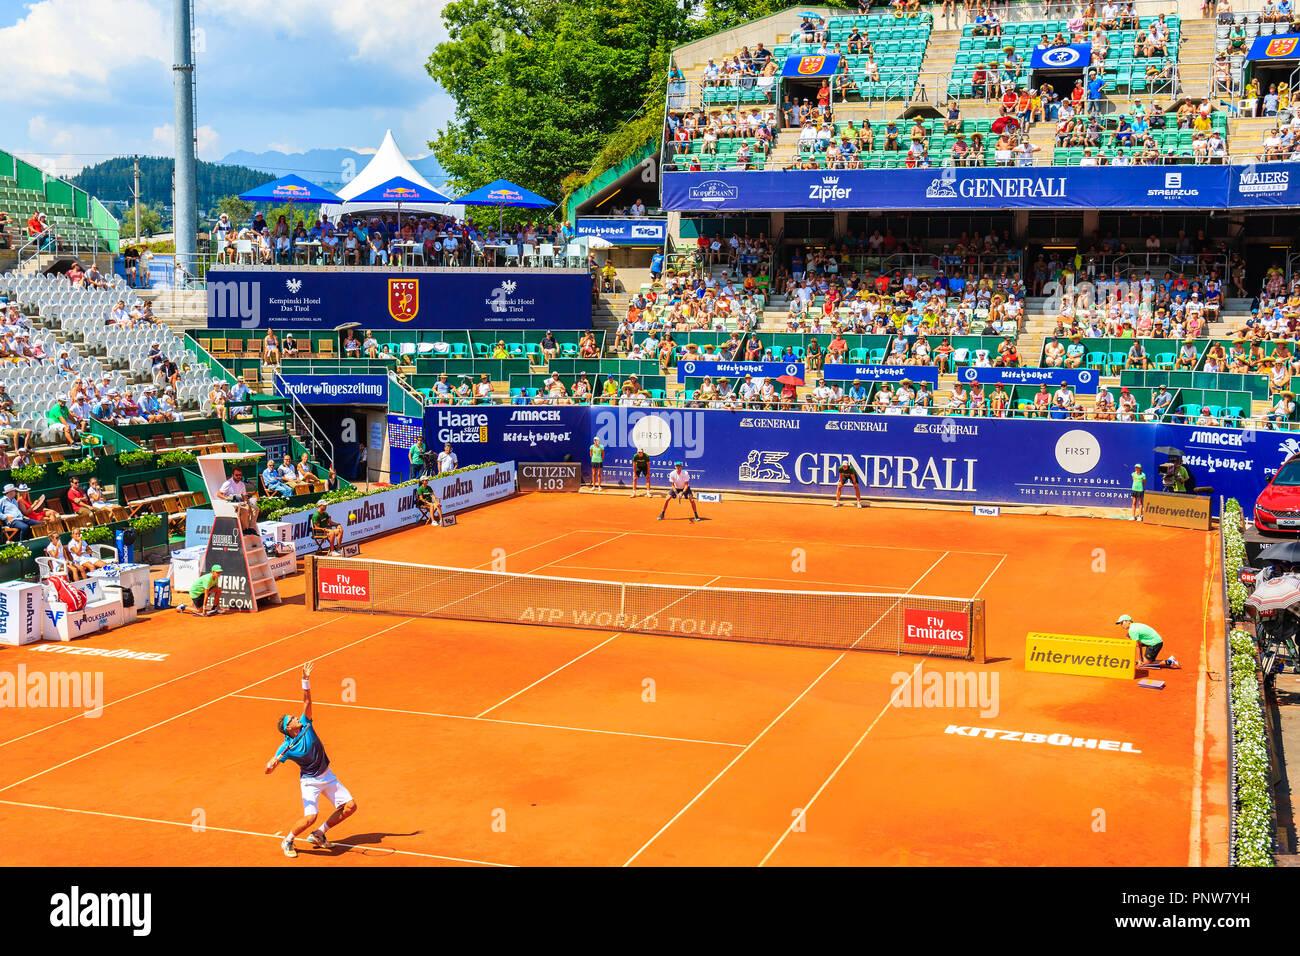 KITZBUHEL, AUSTRIA - Agosto 2, 2018: Los jugadores jugando al tenis durante el torneo de verano en la ciudad de Kitzbuhel, Tirol. Esta competencia es conocida como Austrian Open Foto de stock